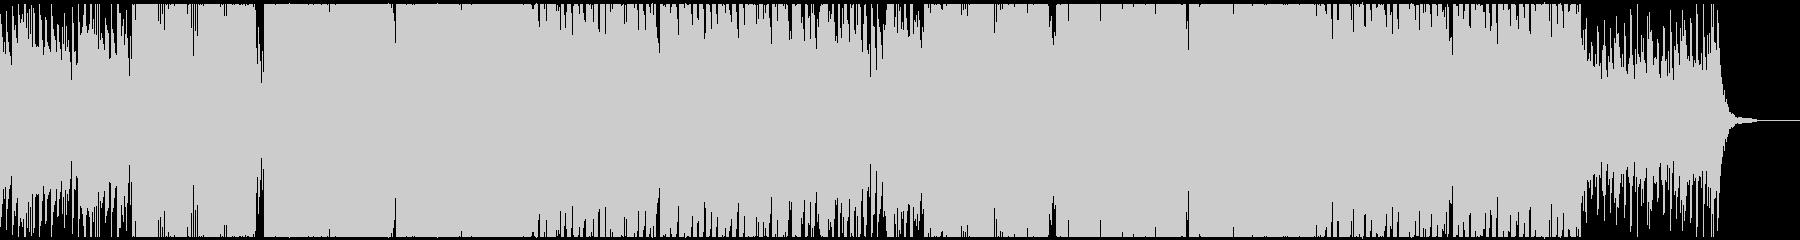 ドローン壮大ピアノ洋楽風の未再生の波形